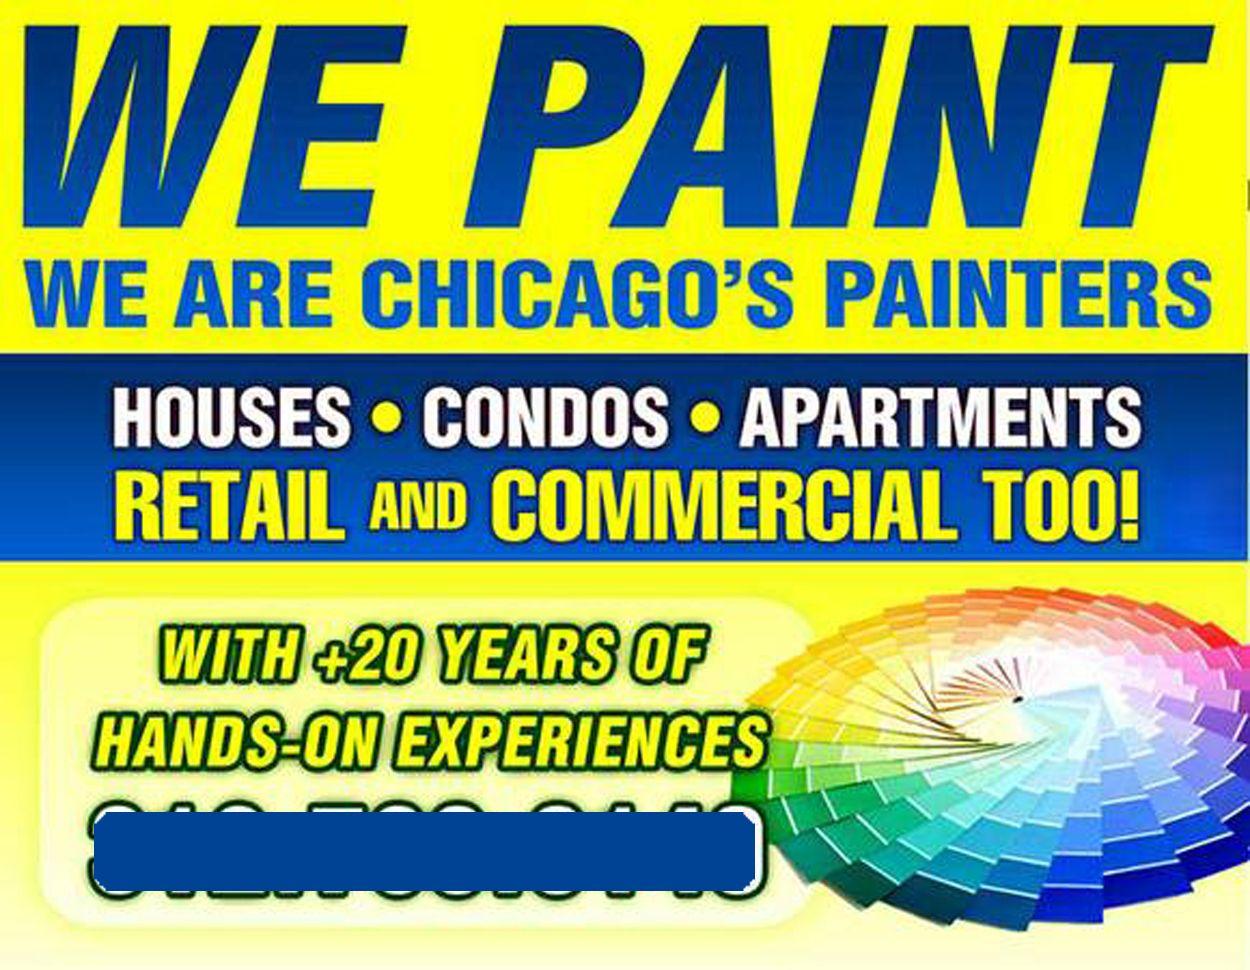 Craigslist Posting service Image Ads Design & ads posting ...